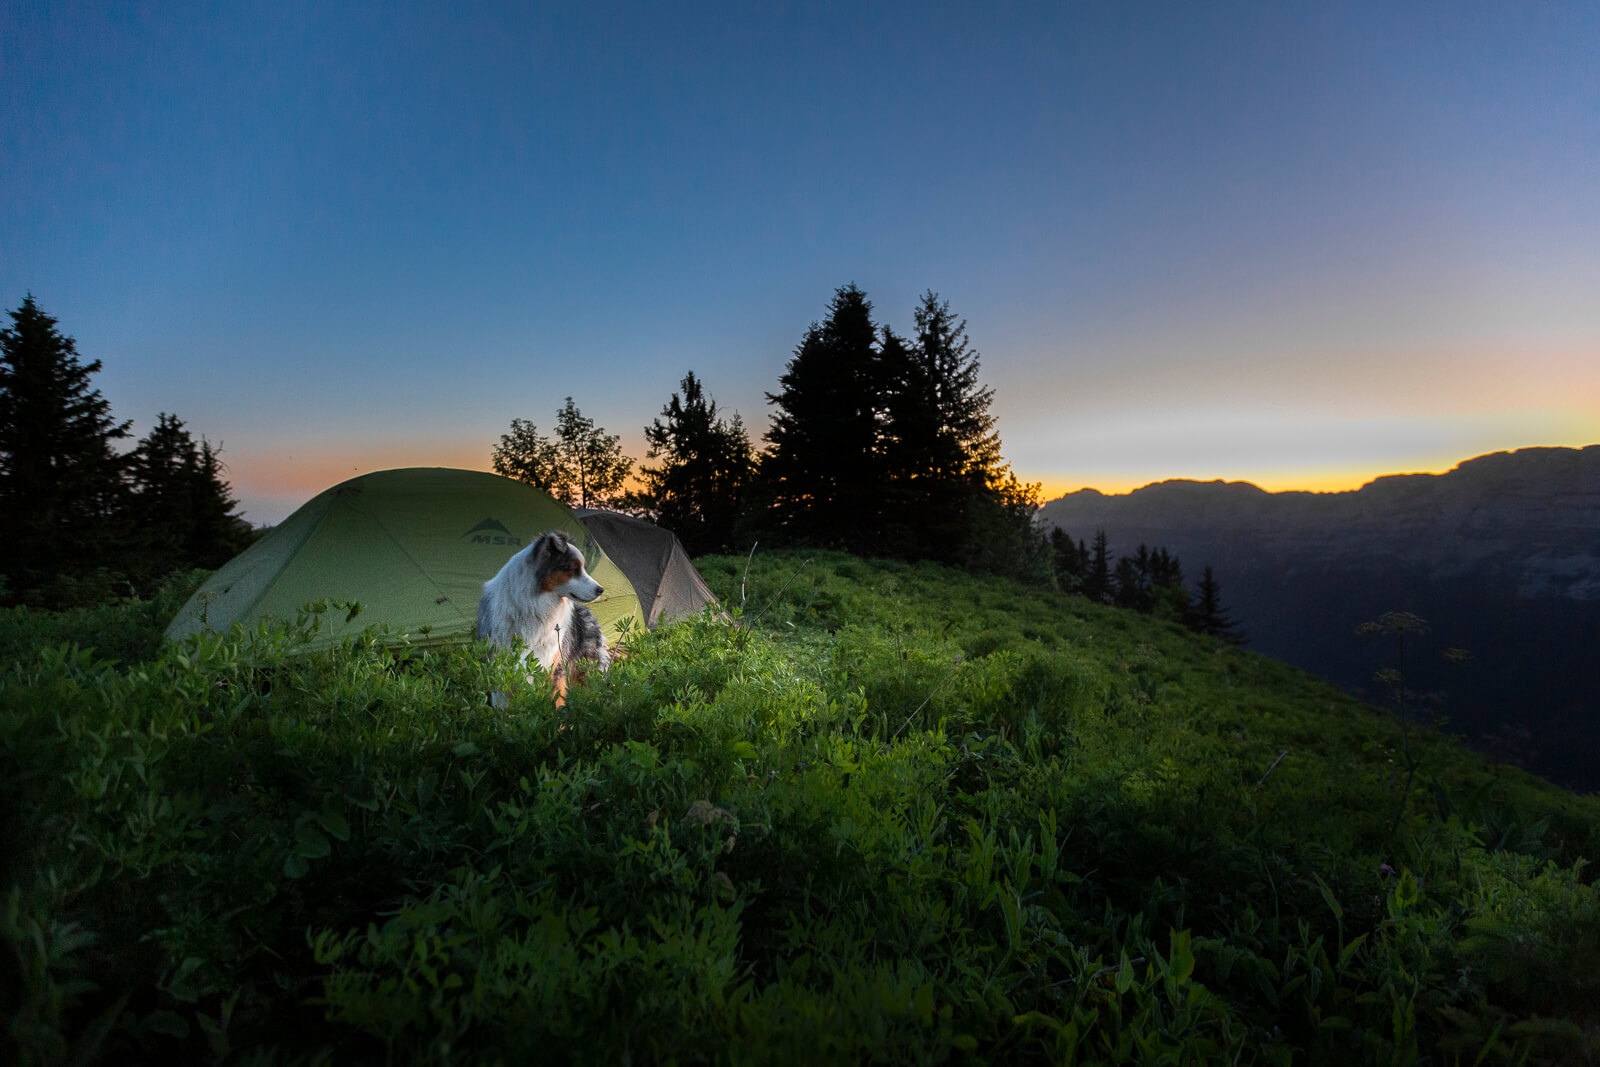 Tentes de bivouac MSR - Matériel de randonnée bivouac en famille